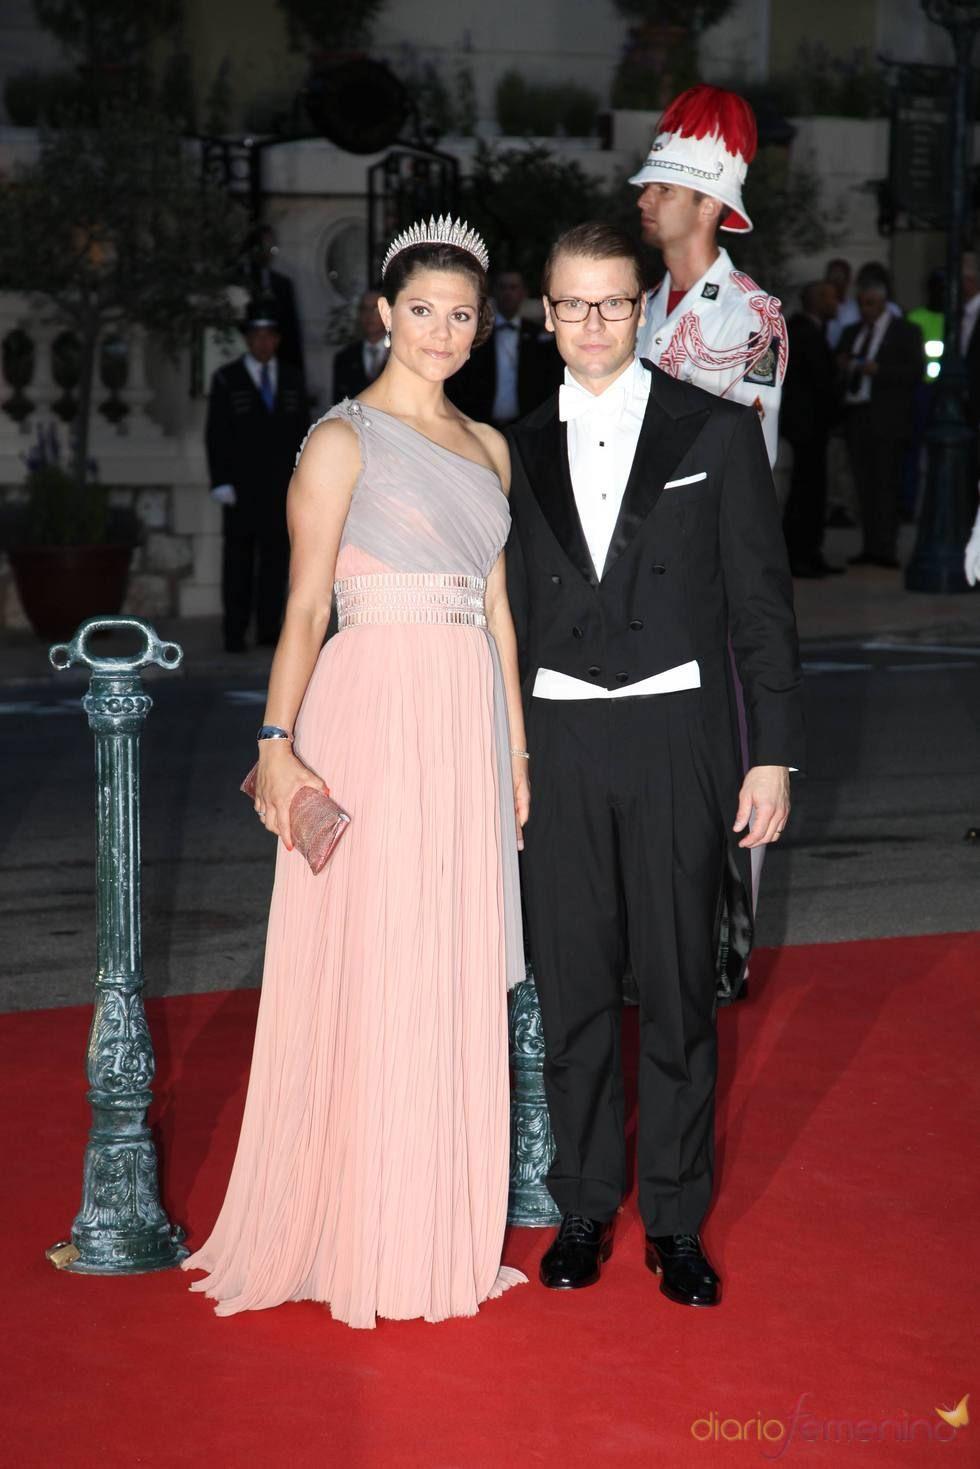 Victoria de Suecia en la cena de gala de la Boda Real de Mónaco ...